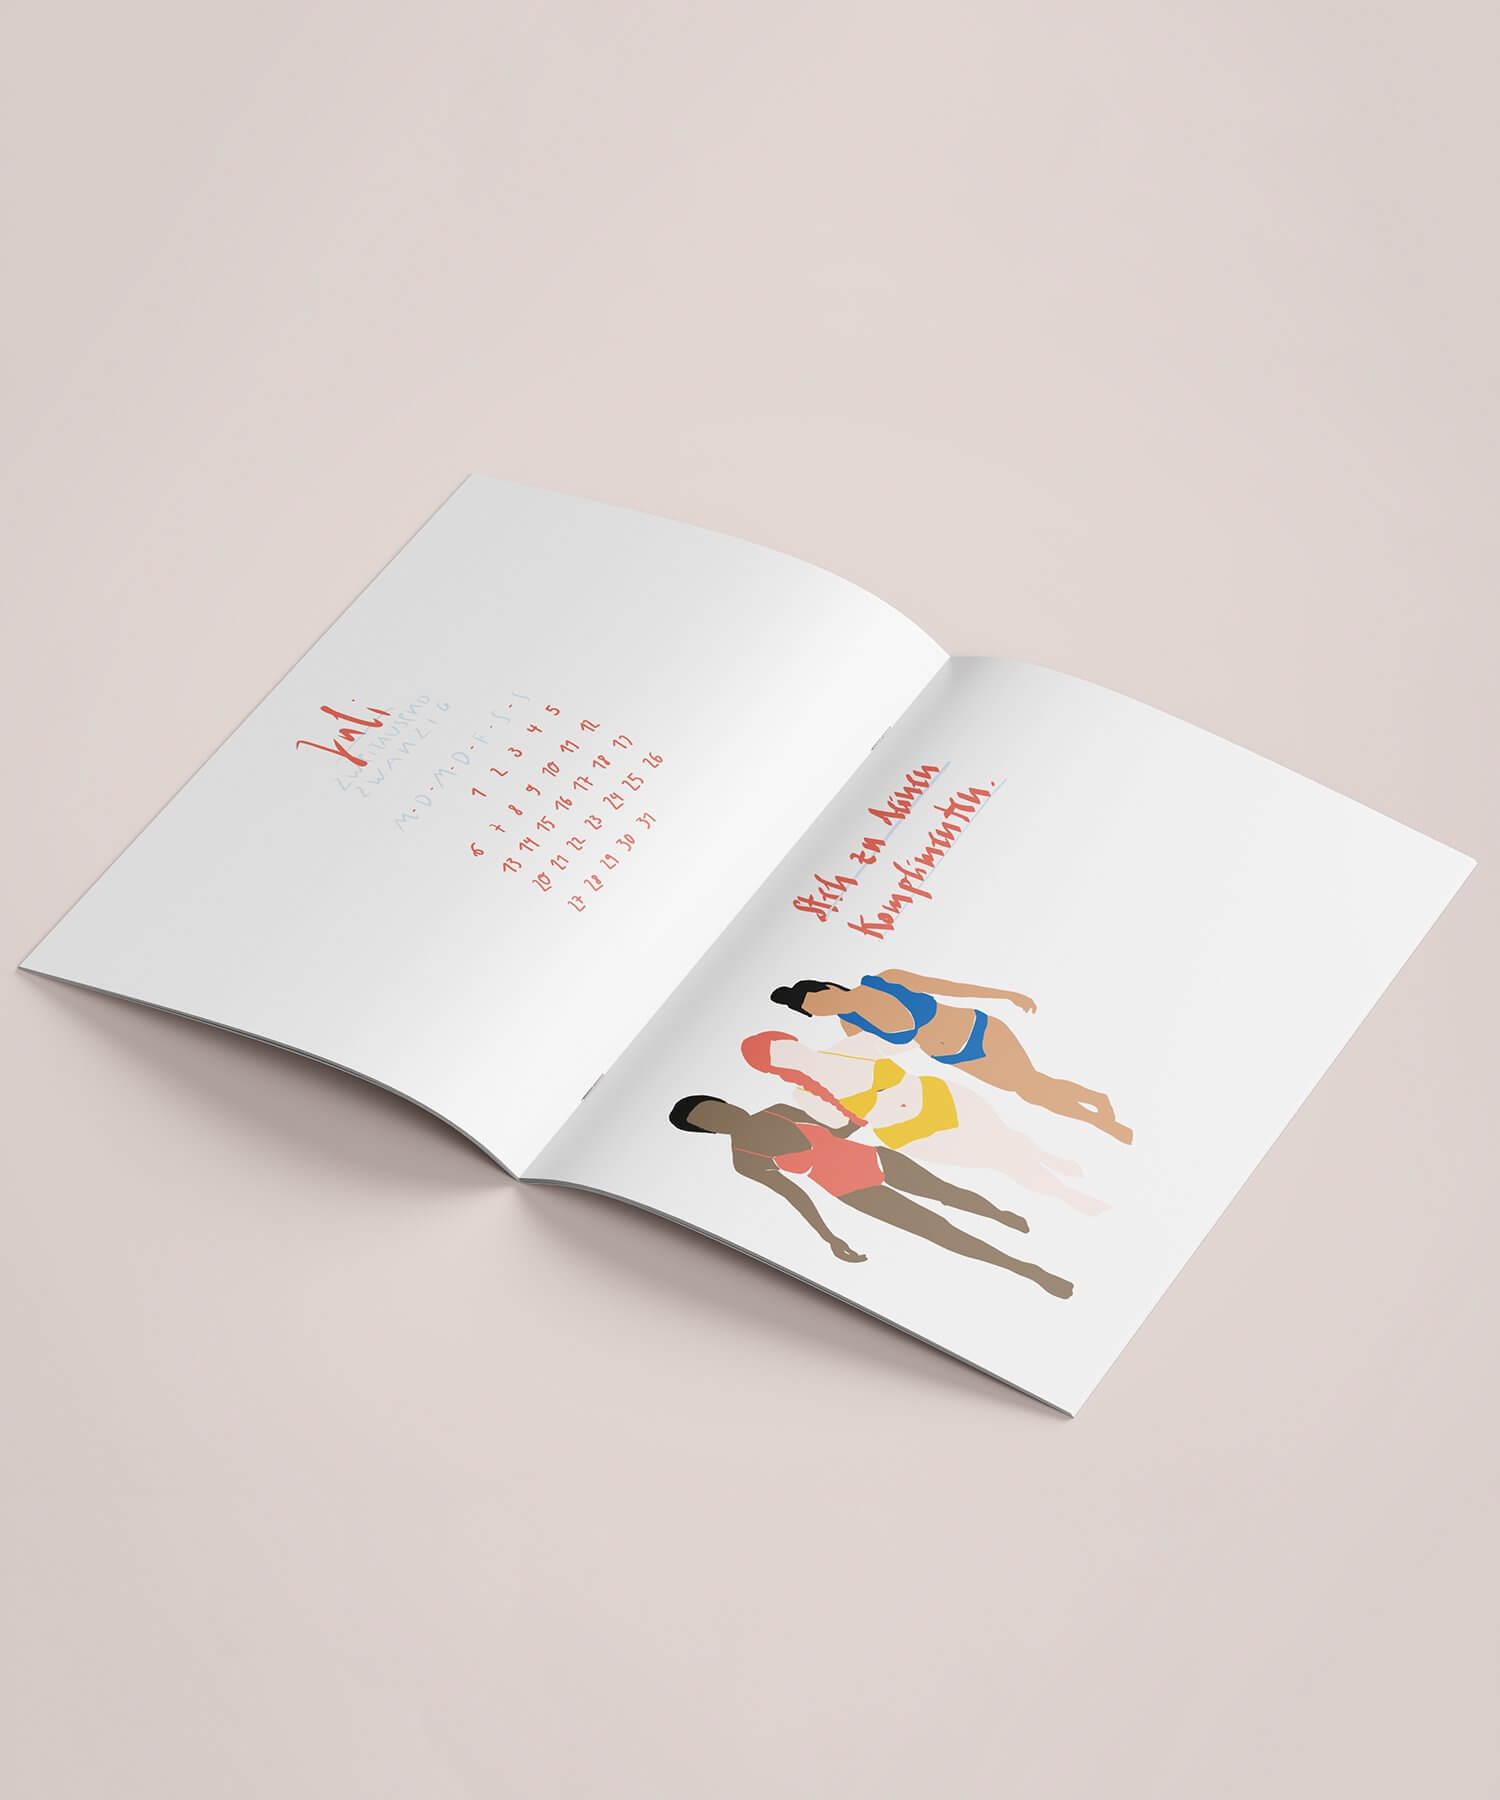 Matrosenhunde Illustration zeichnung Kalender 2020 Papierkalender Kunstkalender IllustrationskalenderJuli